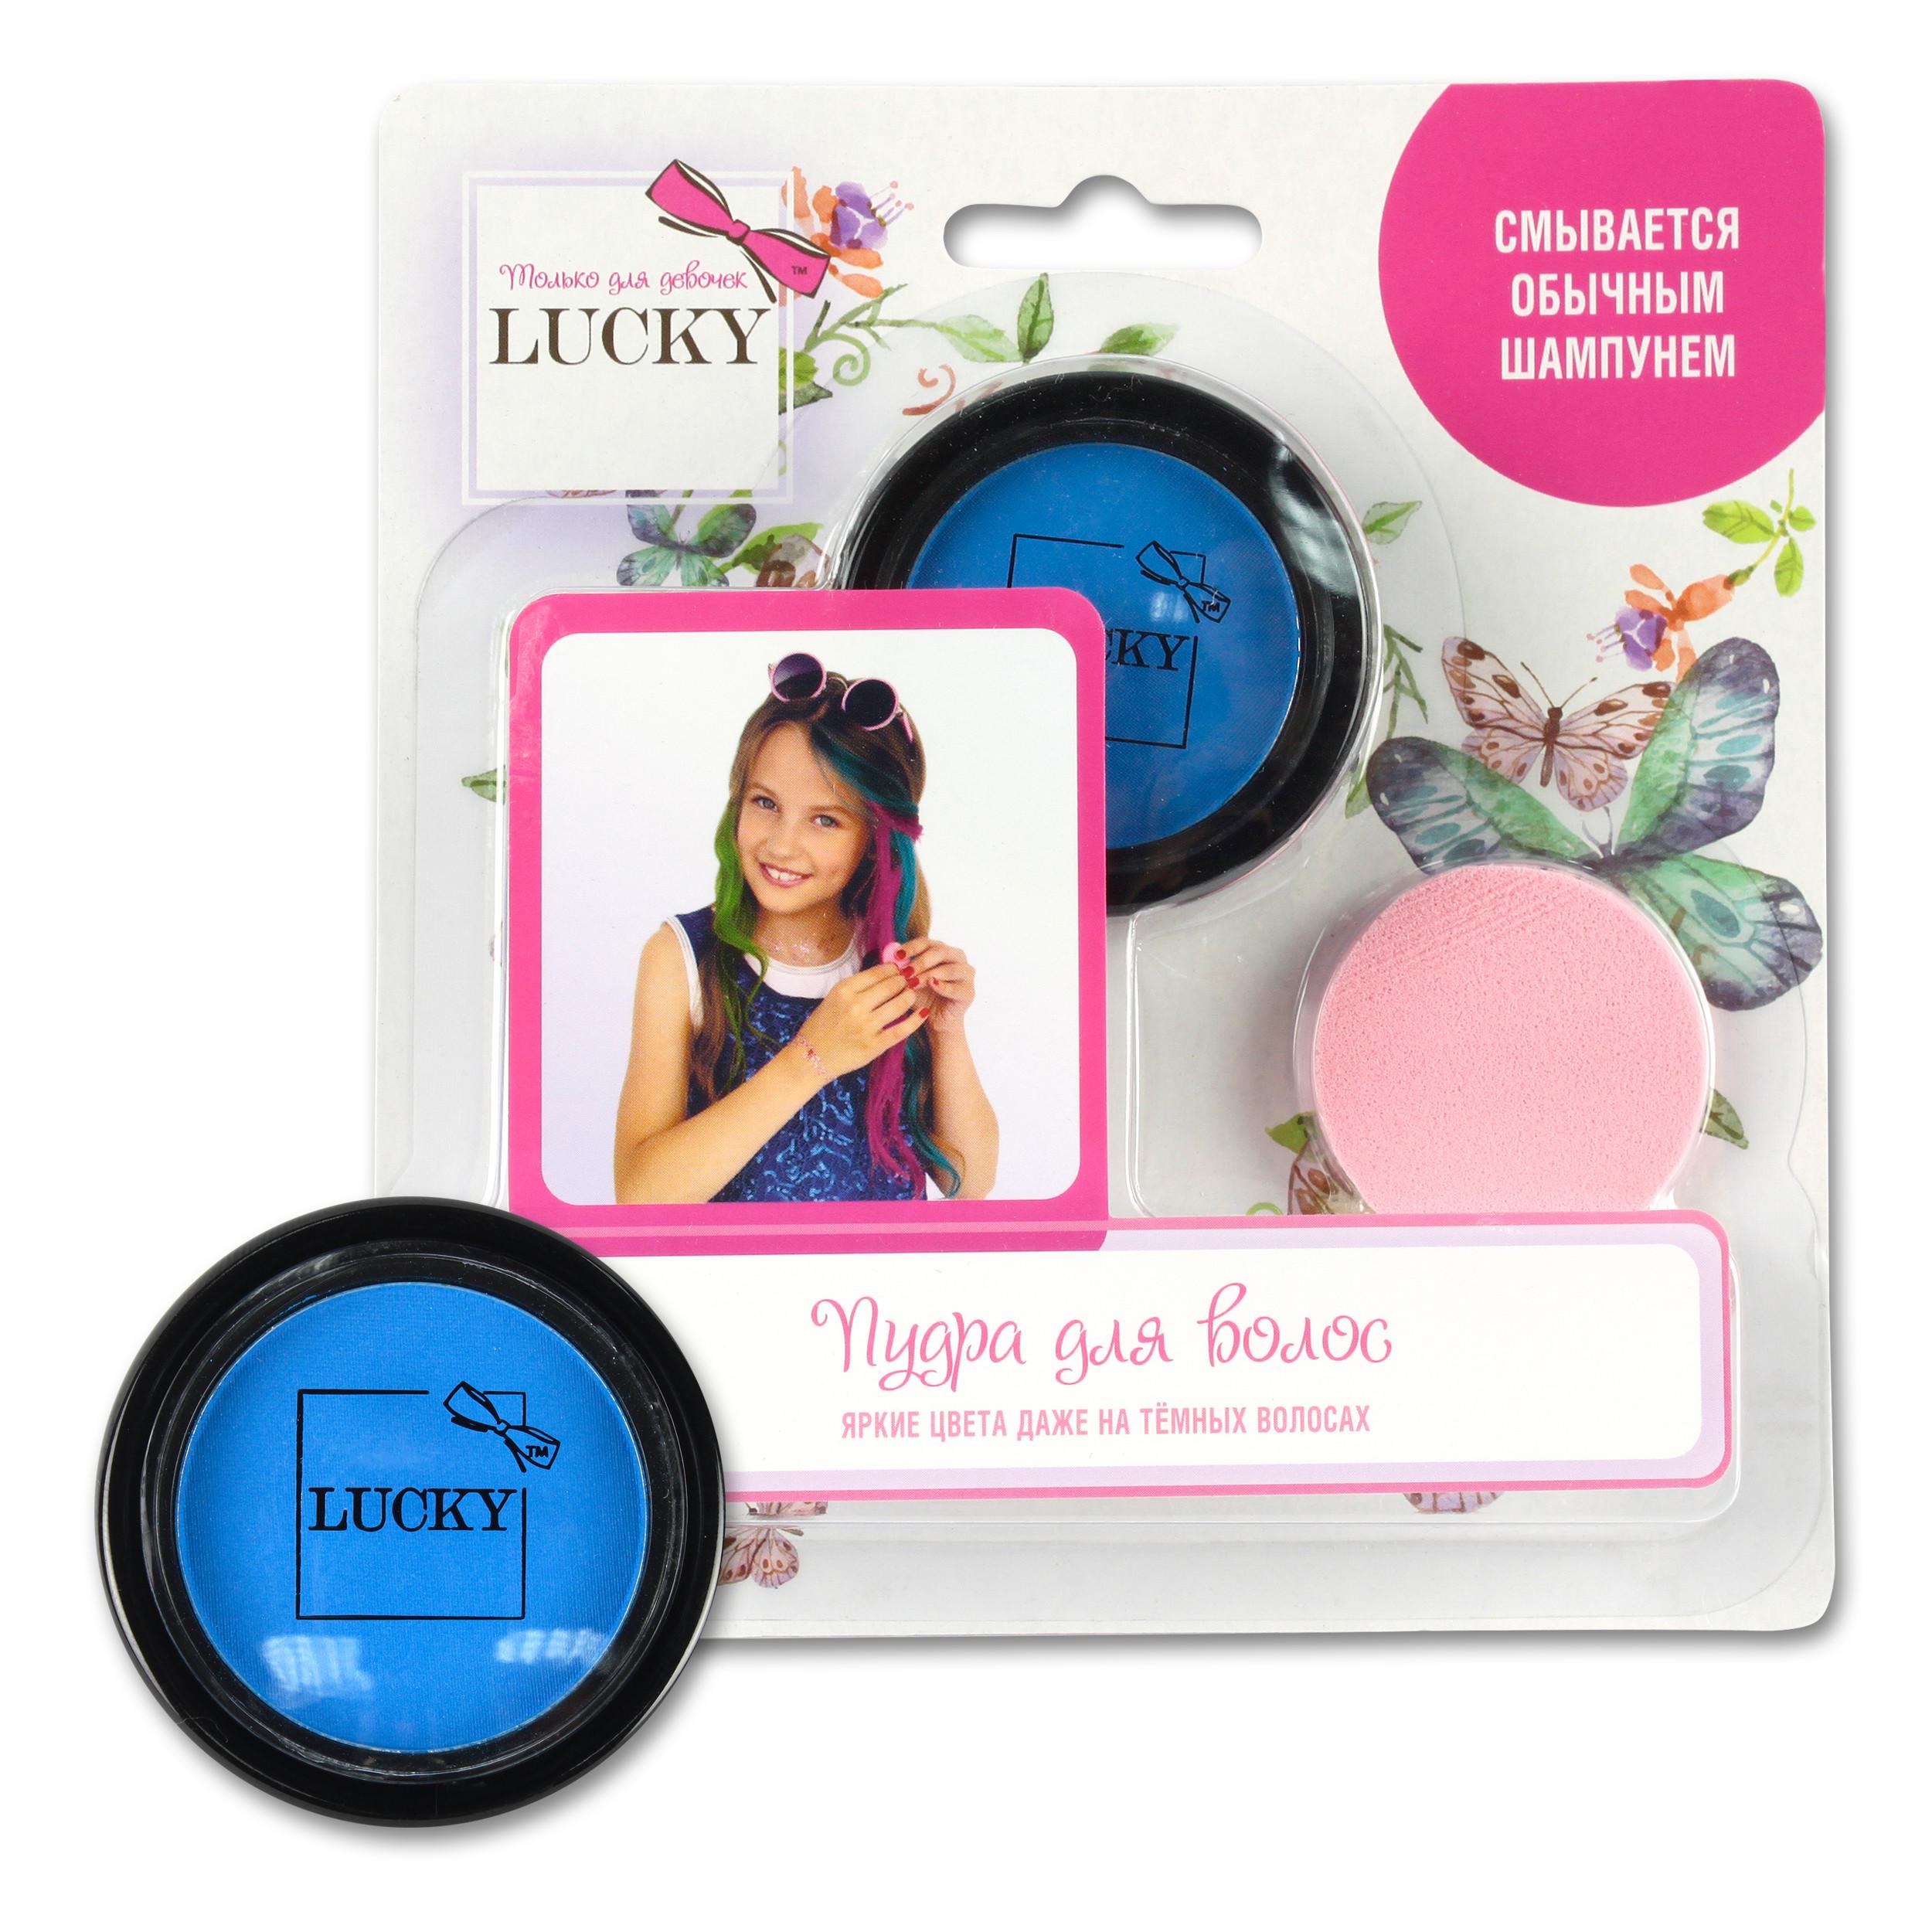 Пудра для волос Lucky Со спонжем, цвет синий пудра для волос lucky со спонжем цвет зеленый